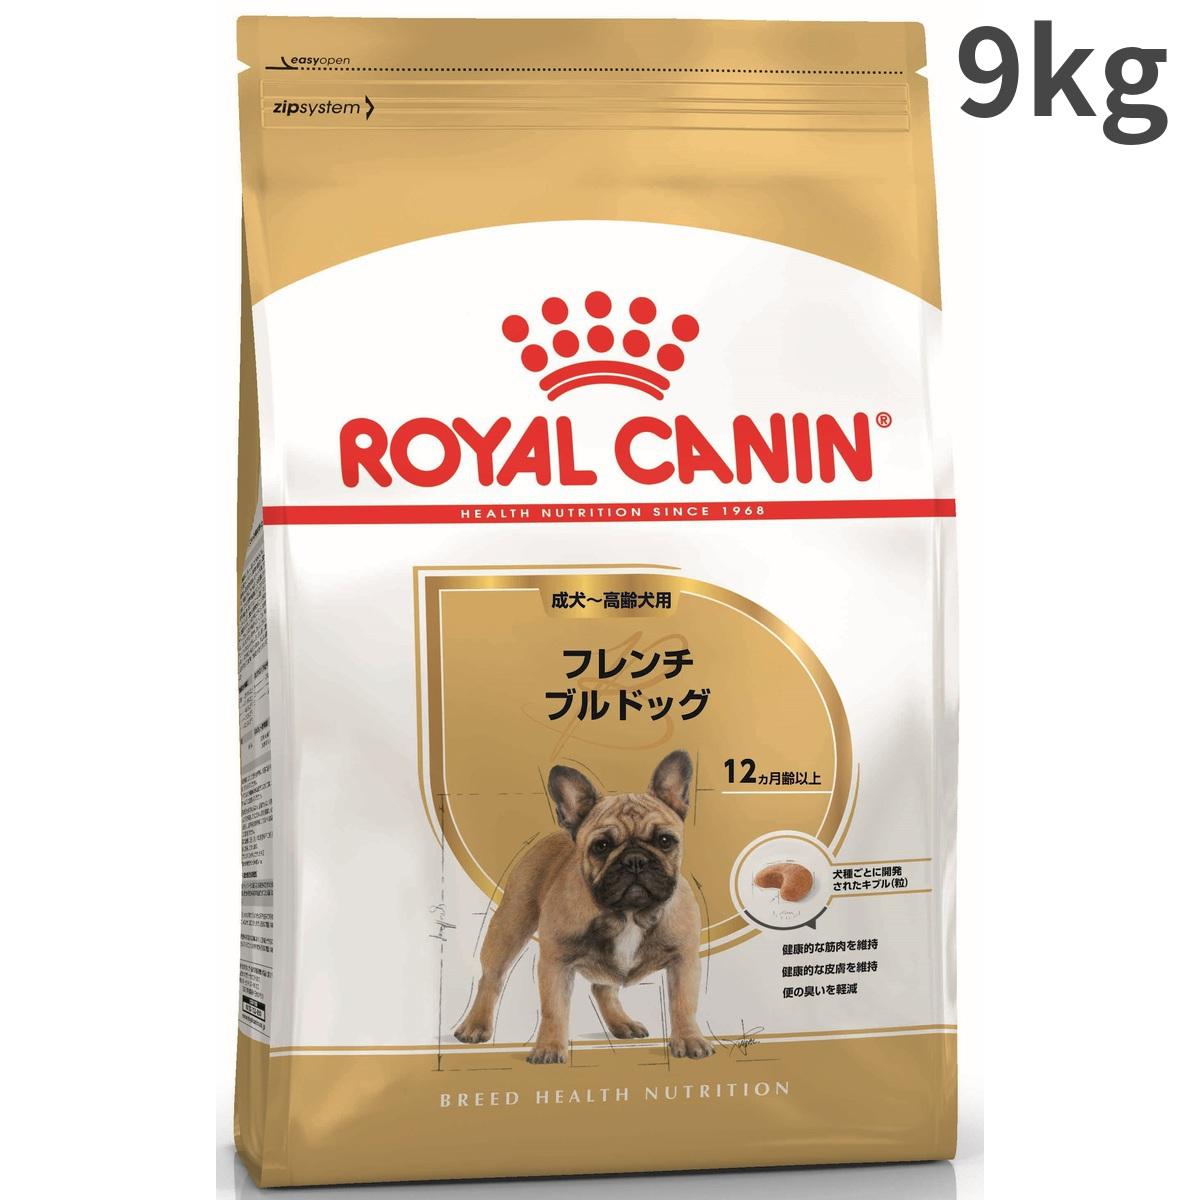 【お取寄せ品】ロイヤルカナン フレンチブルドッグ 成犬・高齢犬用 9kg【送料無料】